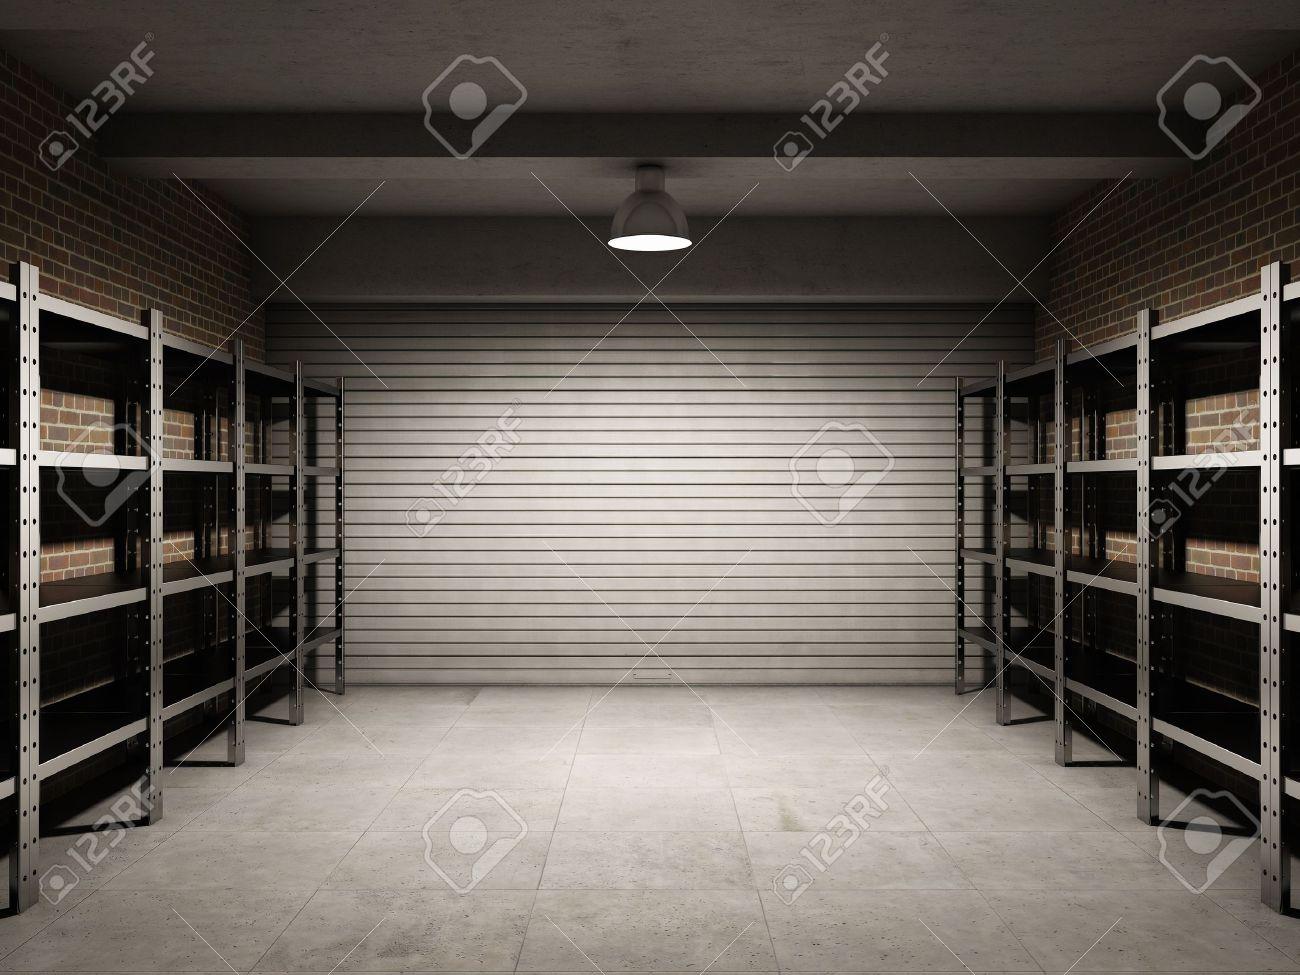 garage vide avec des etageres metalliques